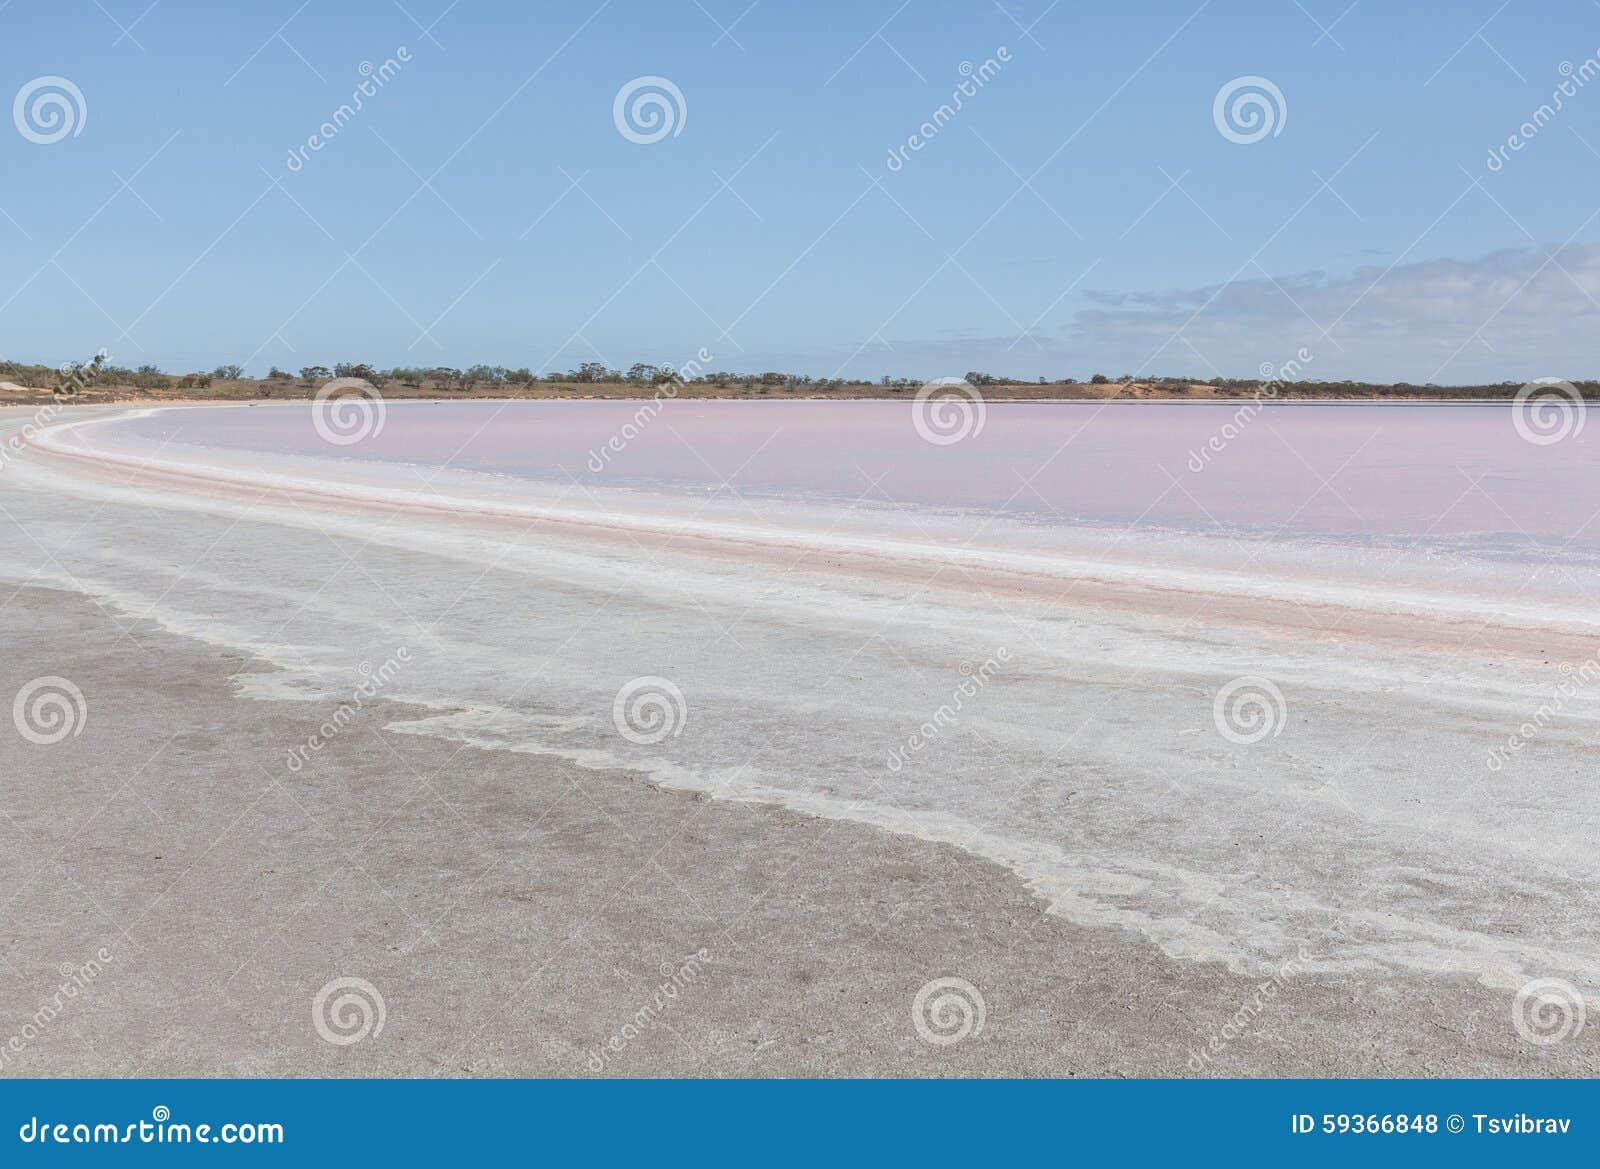 Pink Salt Lake Becking Landscape